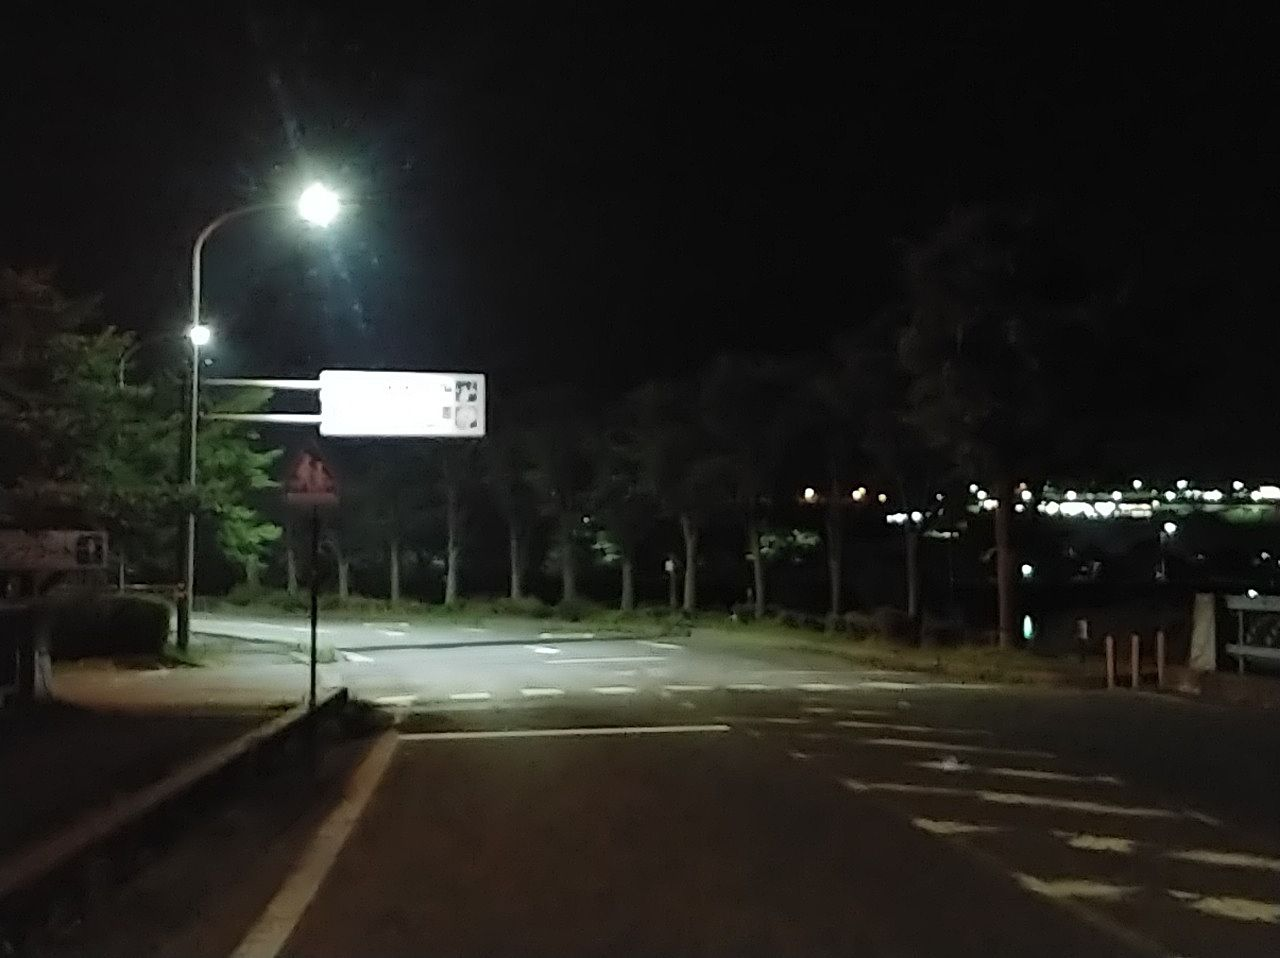 夏の夜を楽しむヽ(・∀・)ノ